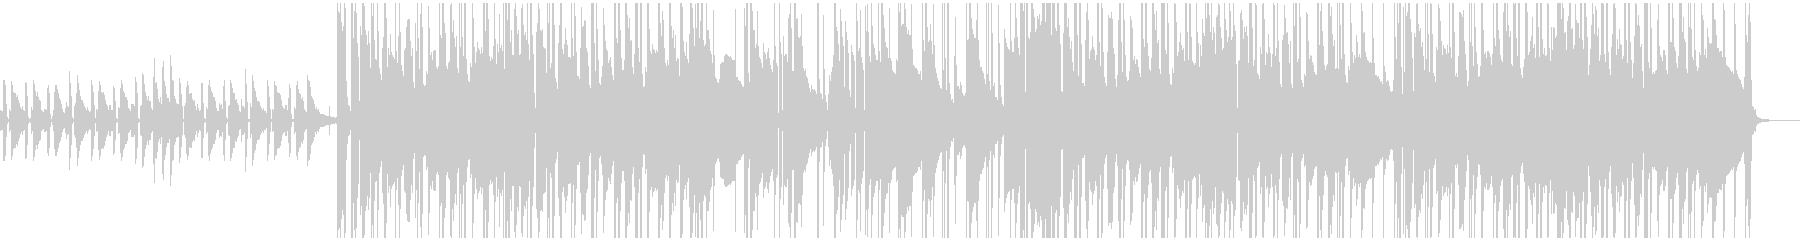 ピアノを使ったジャジーでシックなBGMの未再生の波形